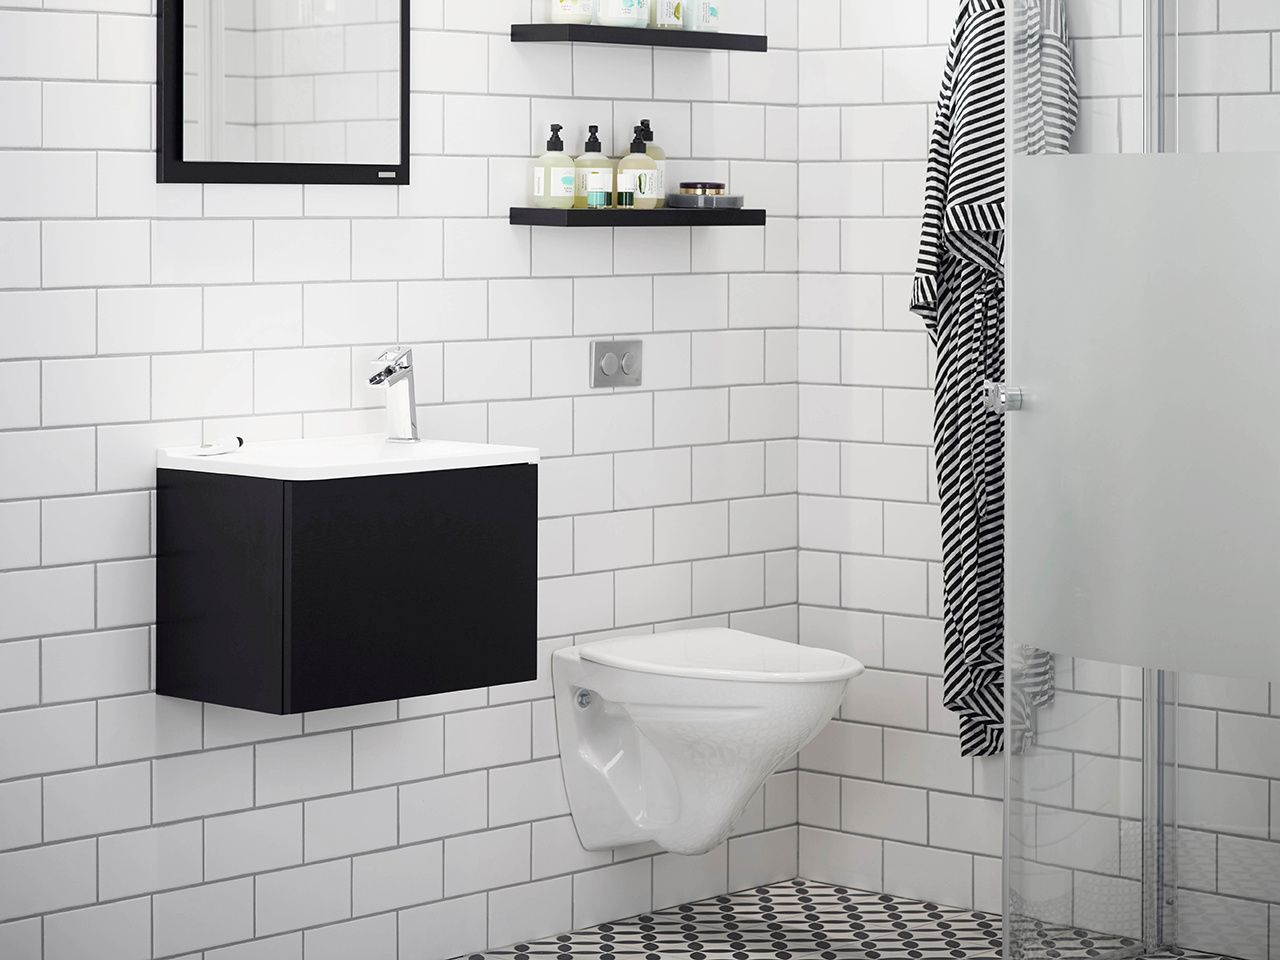 badrum,badrumsrenovering,grafiskt,tvättställ,litet badrum,badrumsskåp litet badrum Pinterest